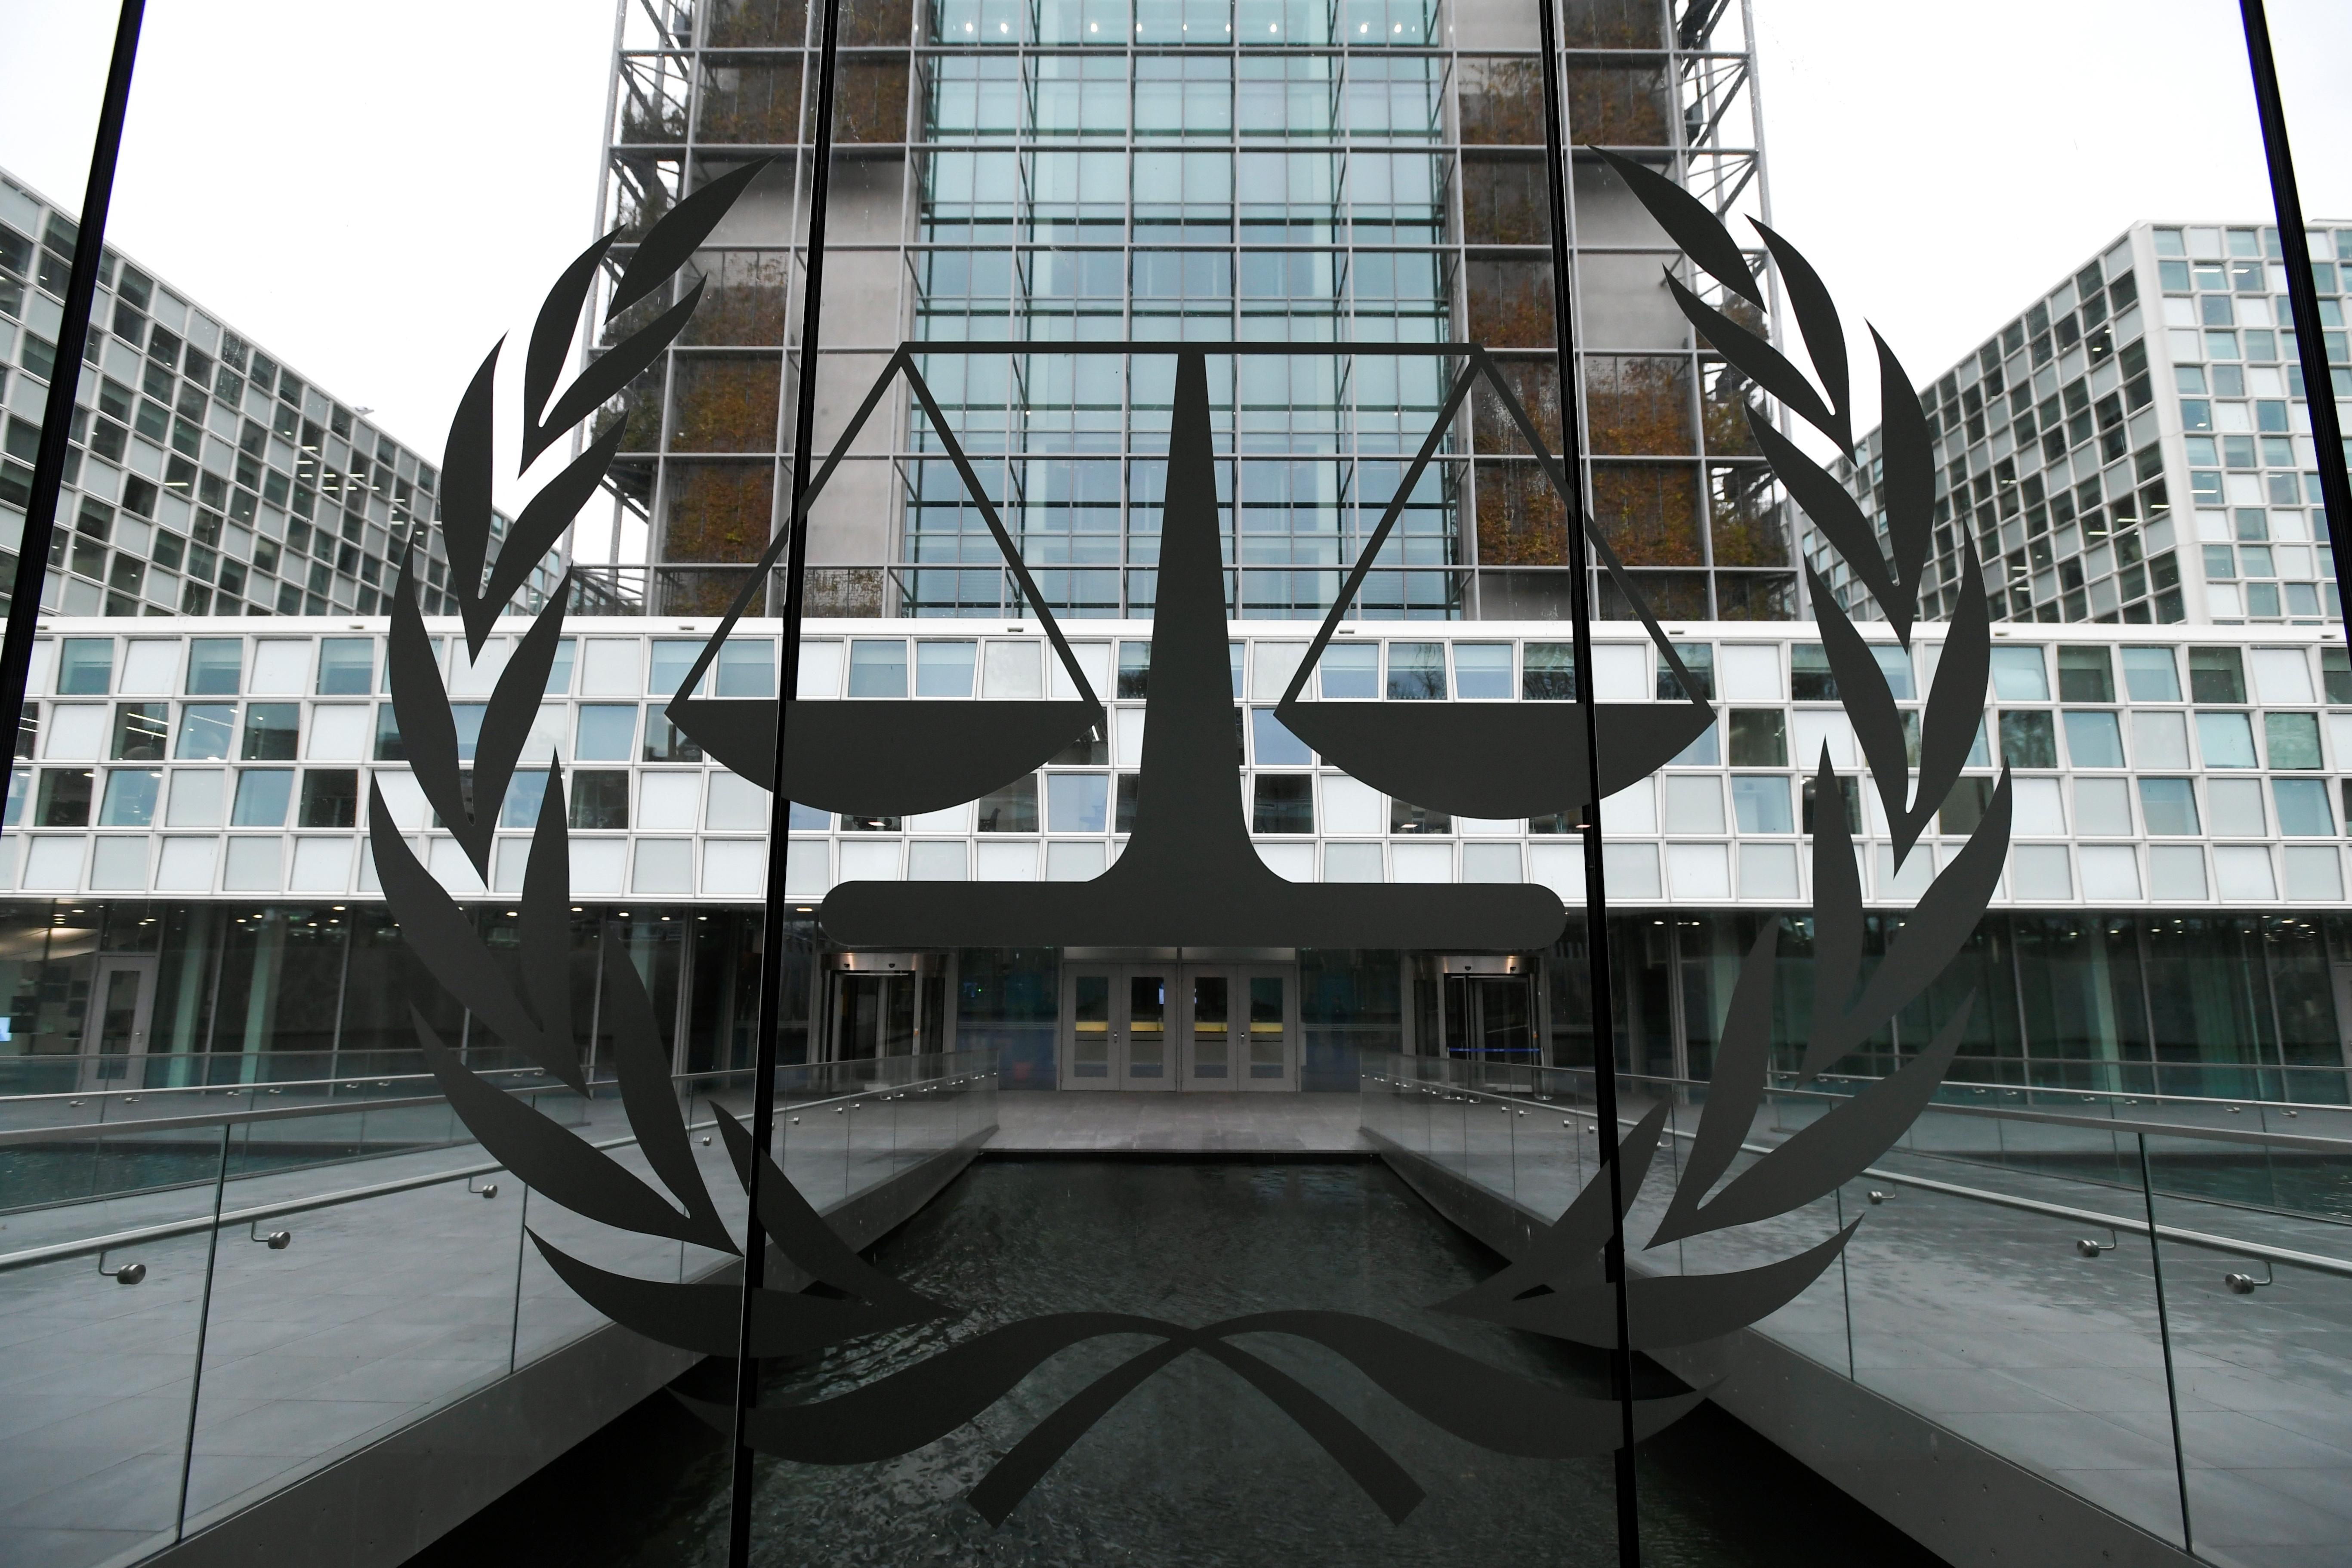 Cour pénale internationale: Continuer de travailler «sans se laisser décourager» après les remarques de Pompeo